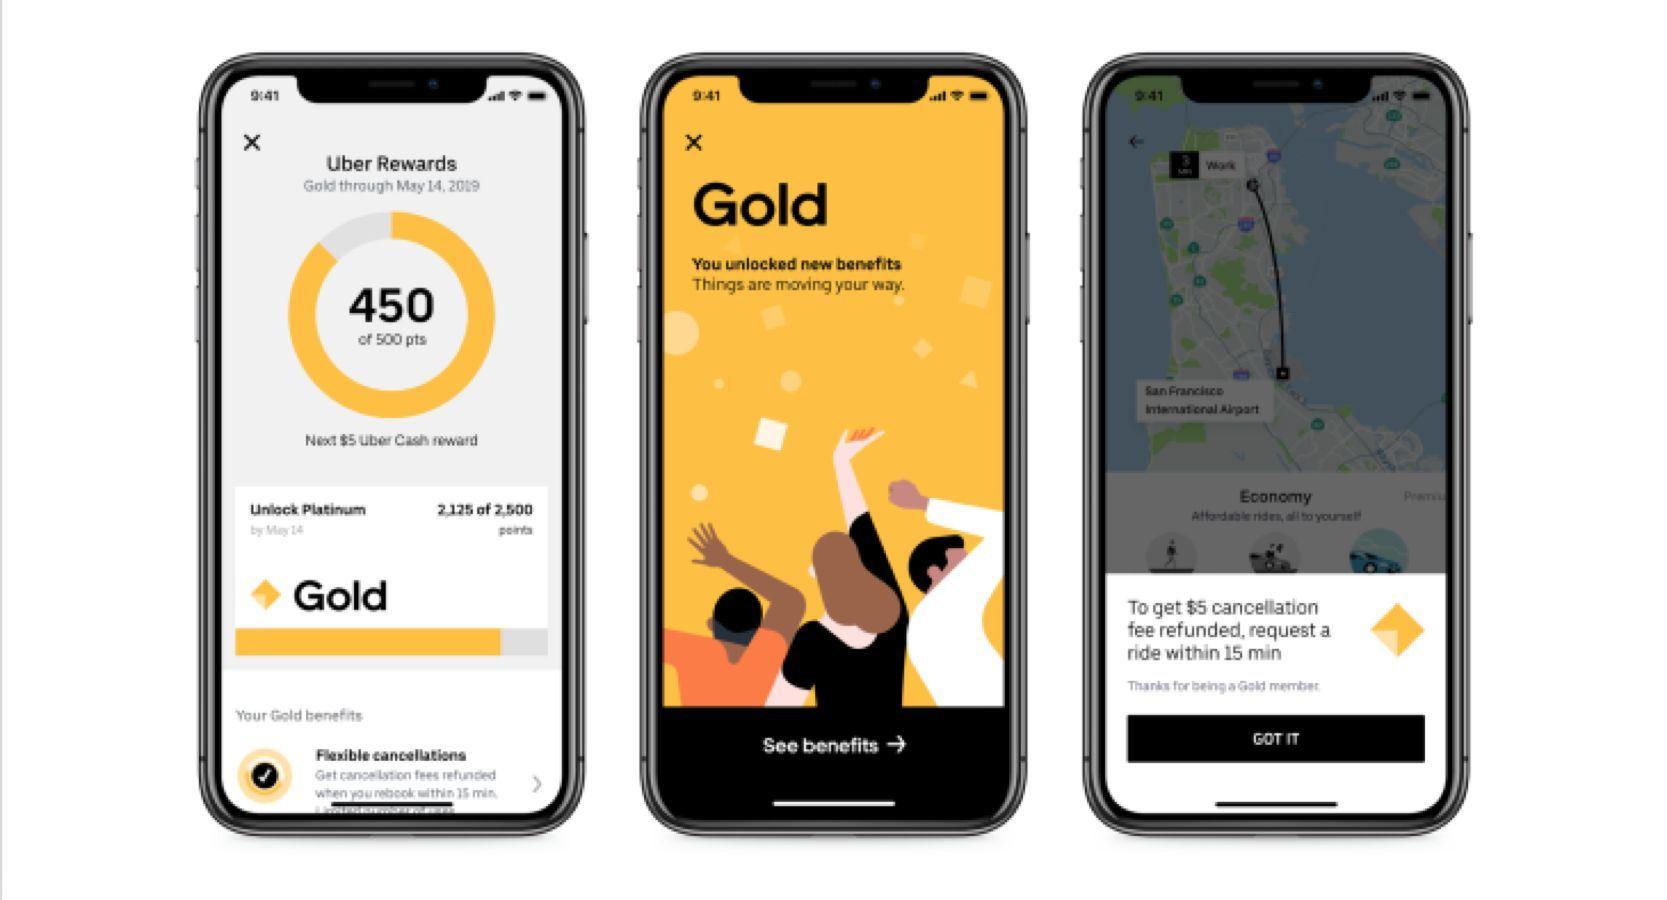 Uber Rewards Gold Mobile version